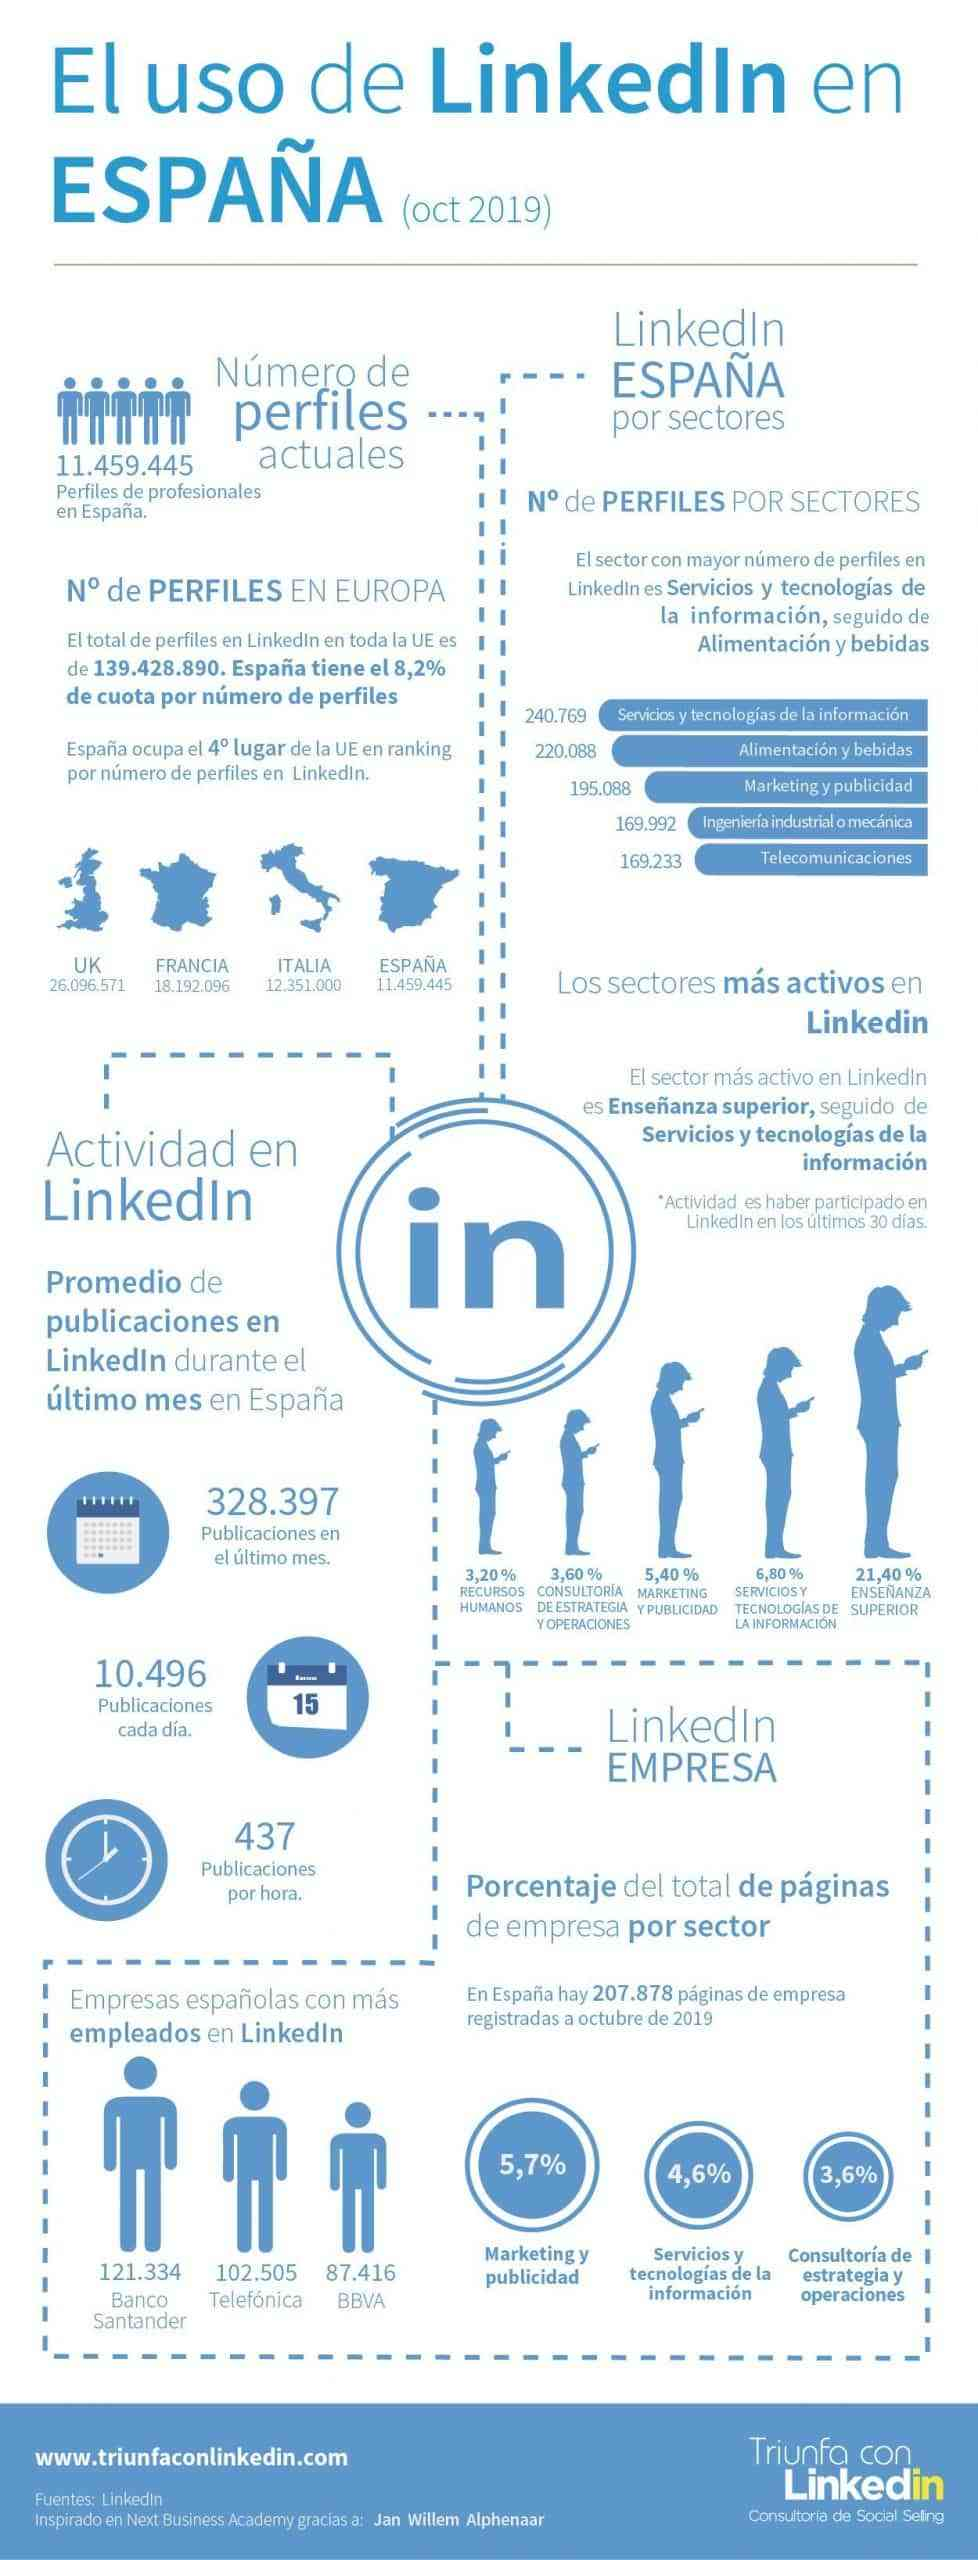 2019 infografia uso triunfa con linkedIn espana acens blog cloud scaled hd